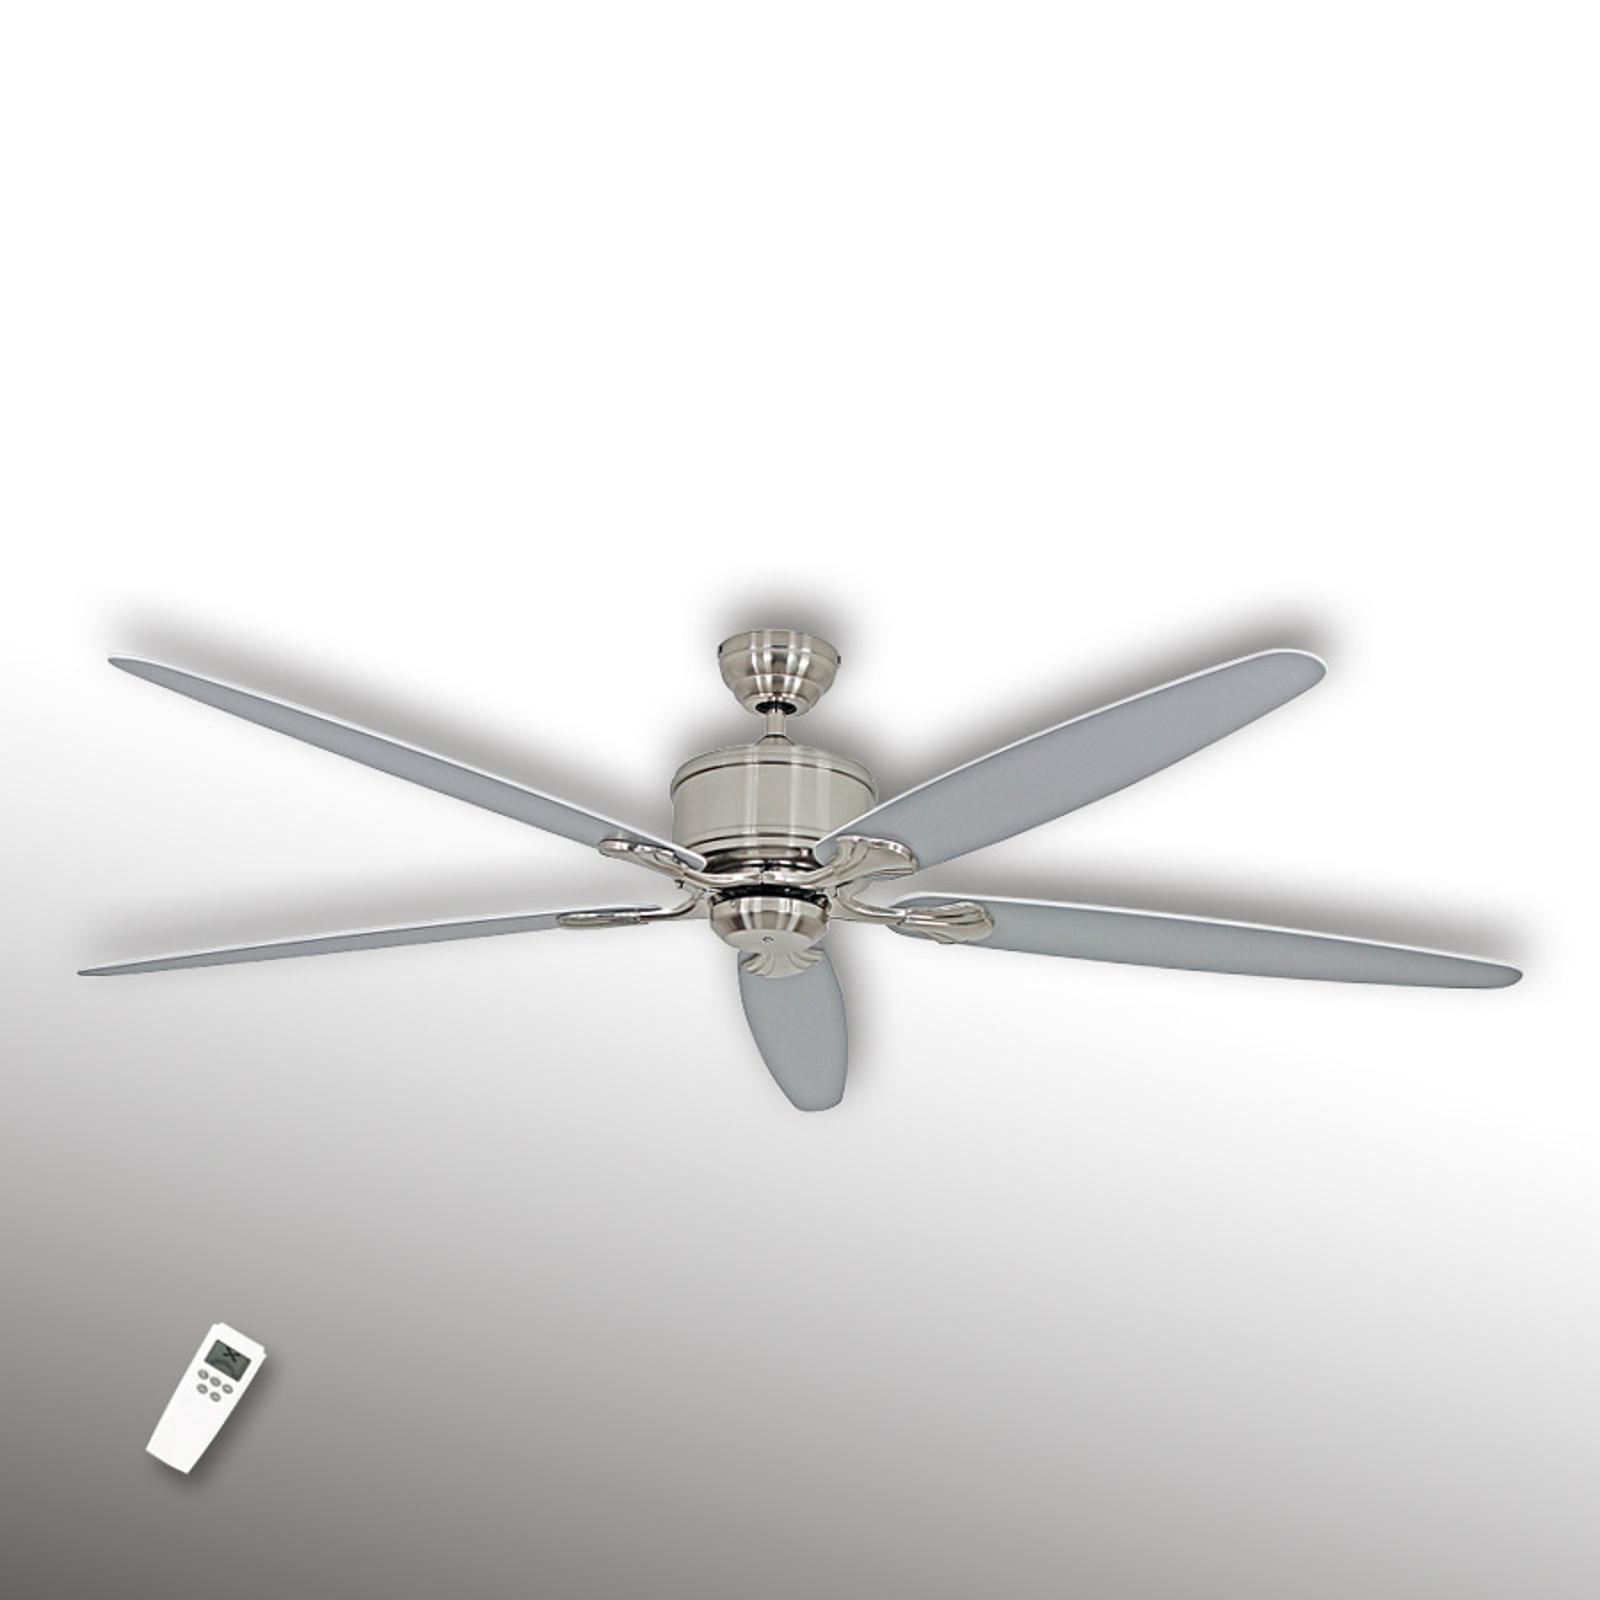 Säästeliäs Eco Elements-kattotuuletin, kromi